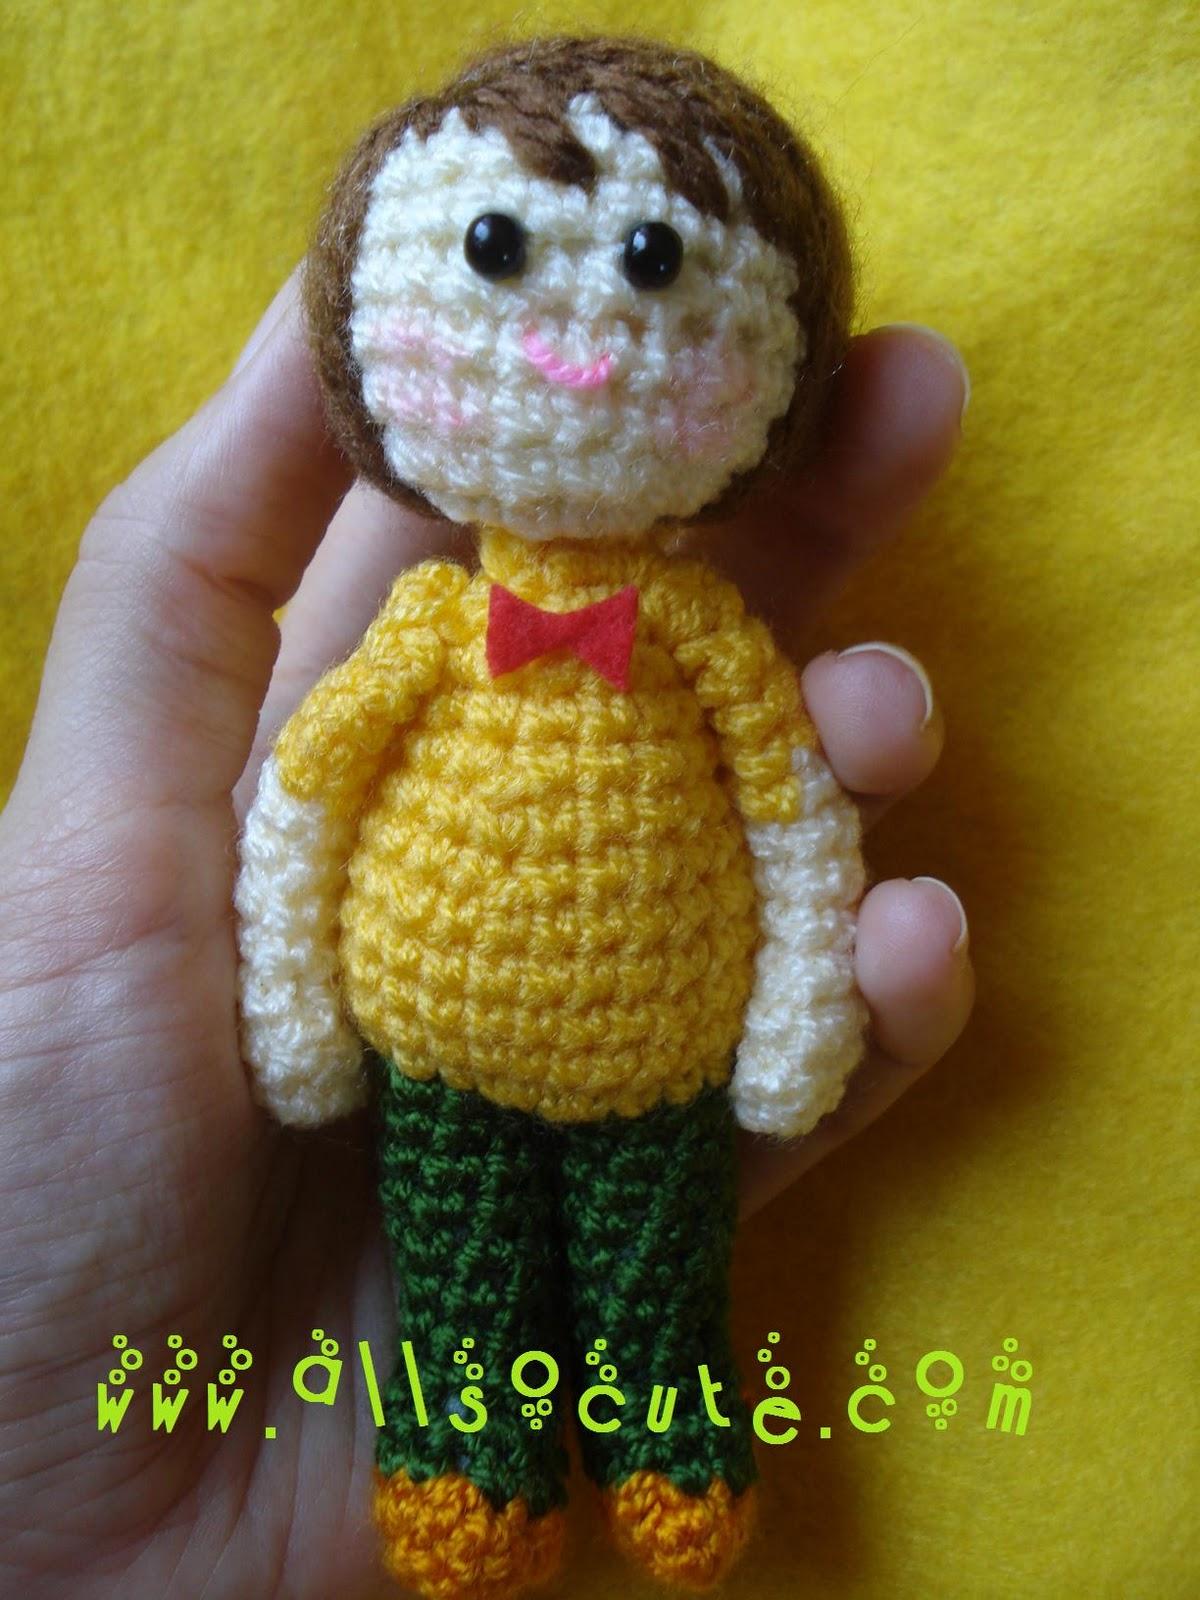 Amigurumi Blogspot : AllSoCute Amigurumis: Cute Amigurumi Boy